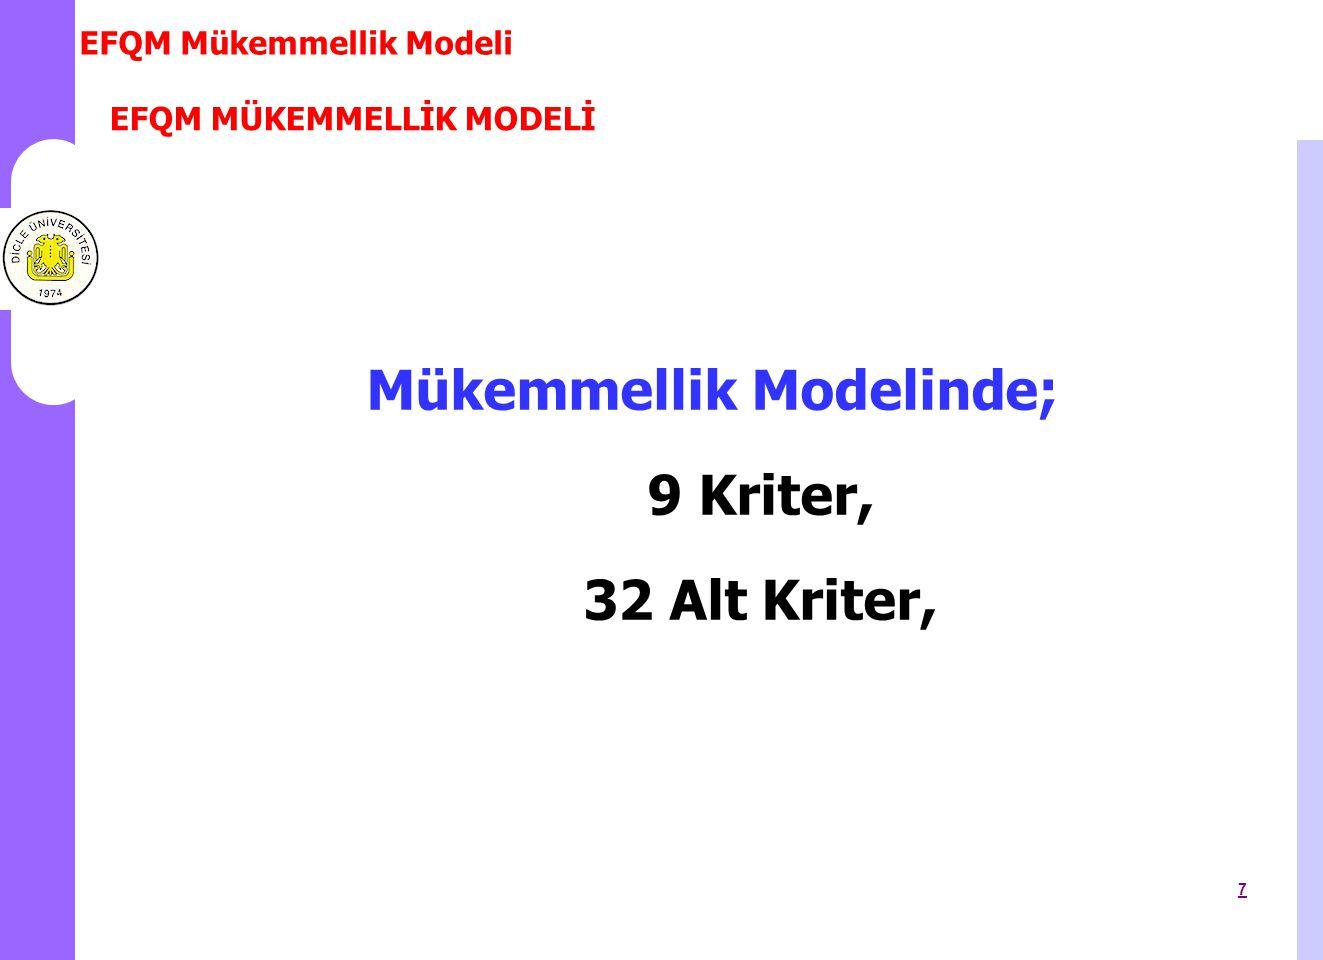 EFQM Mükemmellik Modeli 18 8.Kriter: Toplumla İlgili Sonuçlar -Alt Kriterler/İlişkiler Kriter 1 Liderlik Kriter 3 Çalışanlar Kriter 4 İşbirlikleri ve Kaynaklar 8b Performans Gösterileri İçsel Ölçümler 8a Algılamalar Toplum Yargısı PerformanslarGeribildirim Kriter 5 Süreçler -İstihdam Düzeyindeki Değişiklikler -Yetkili ve Resmi Kurumlarla İlişkiler -Kazanılan Unvan ve Ödüller